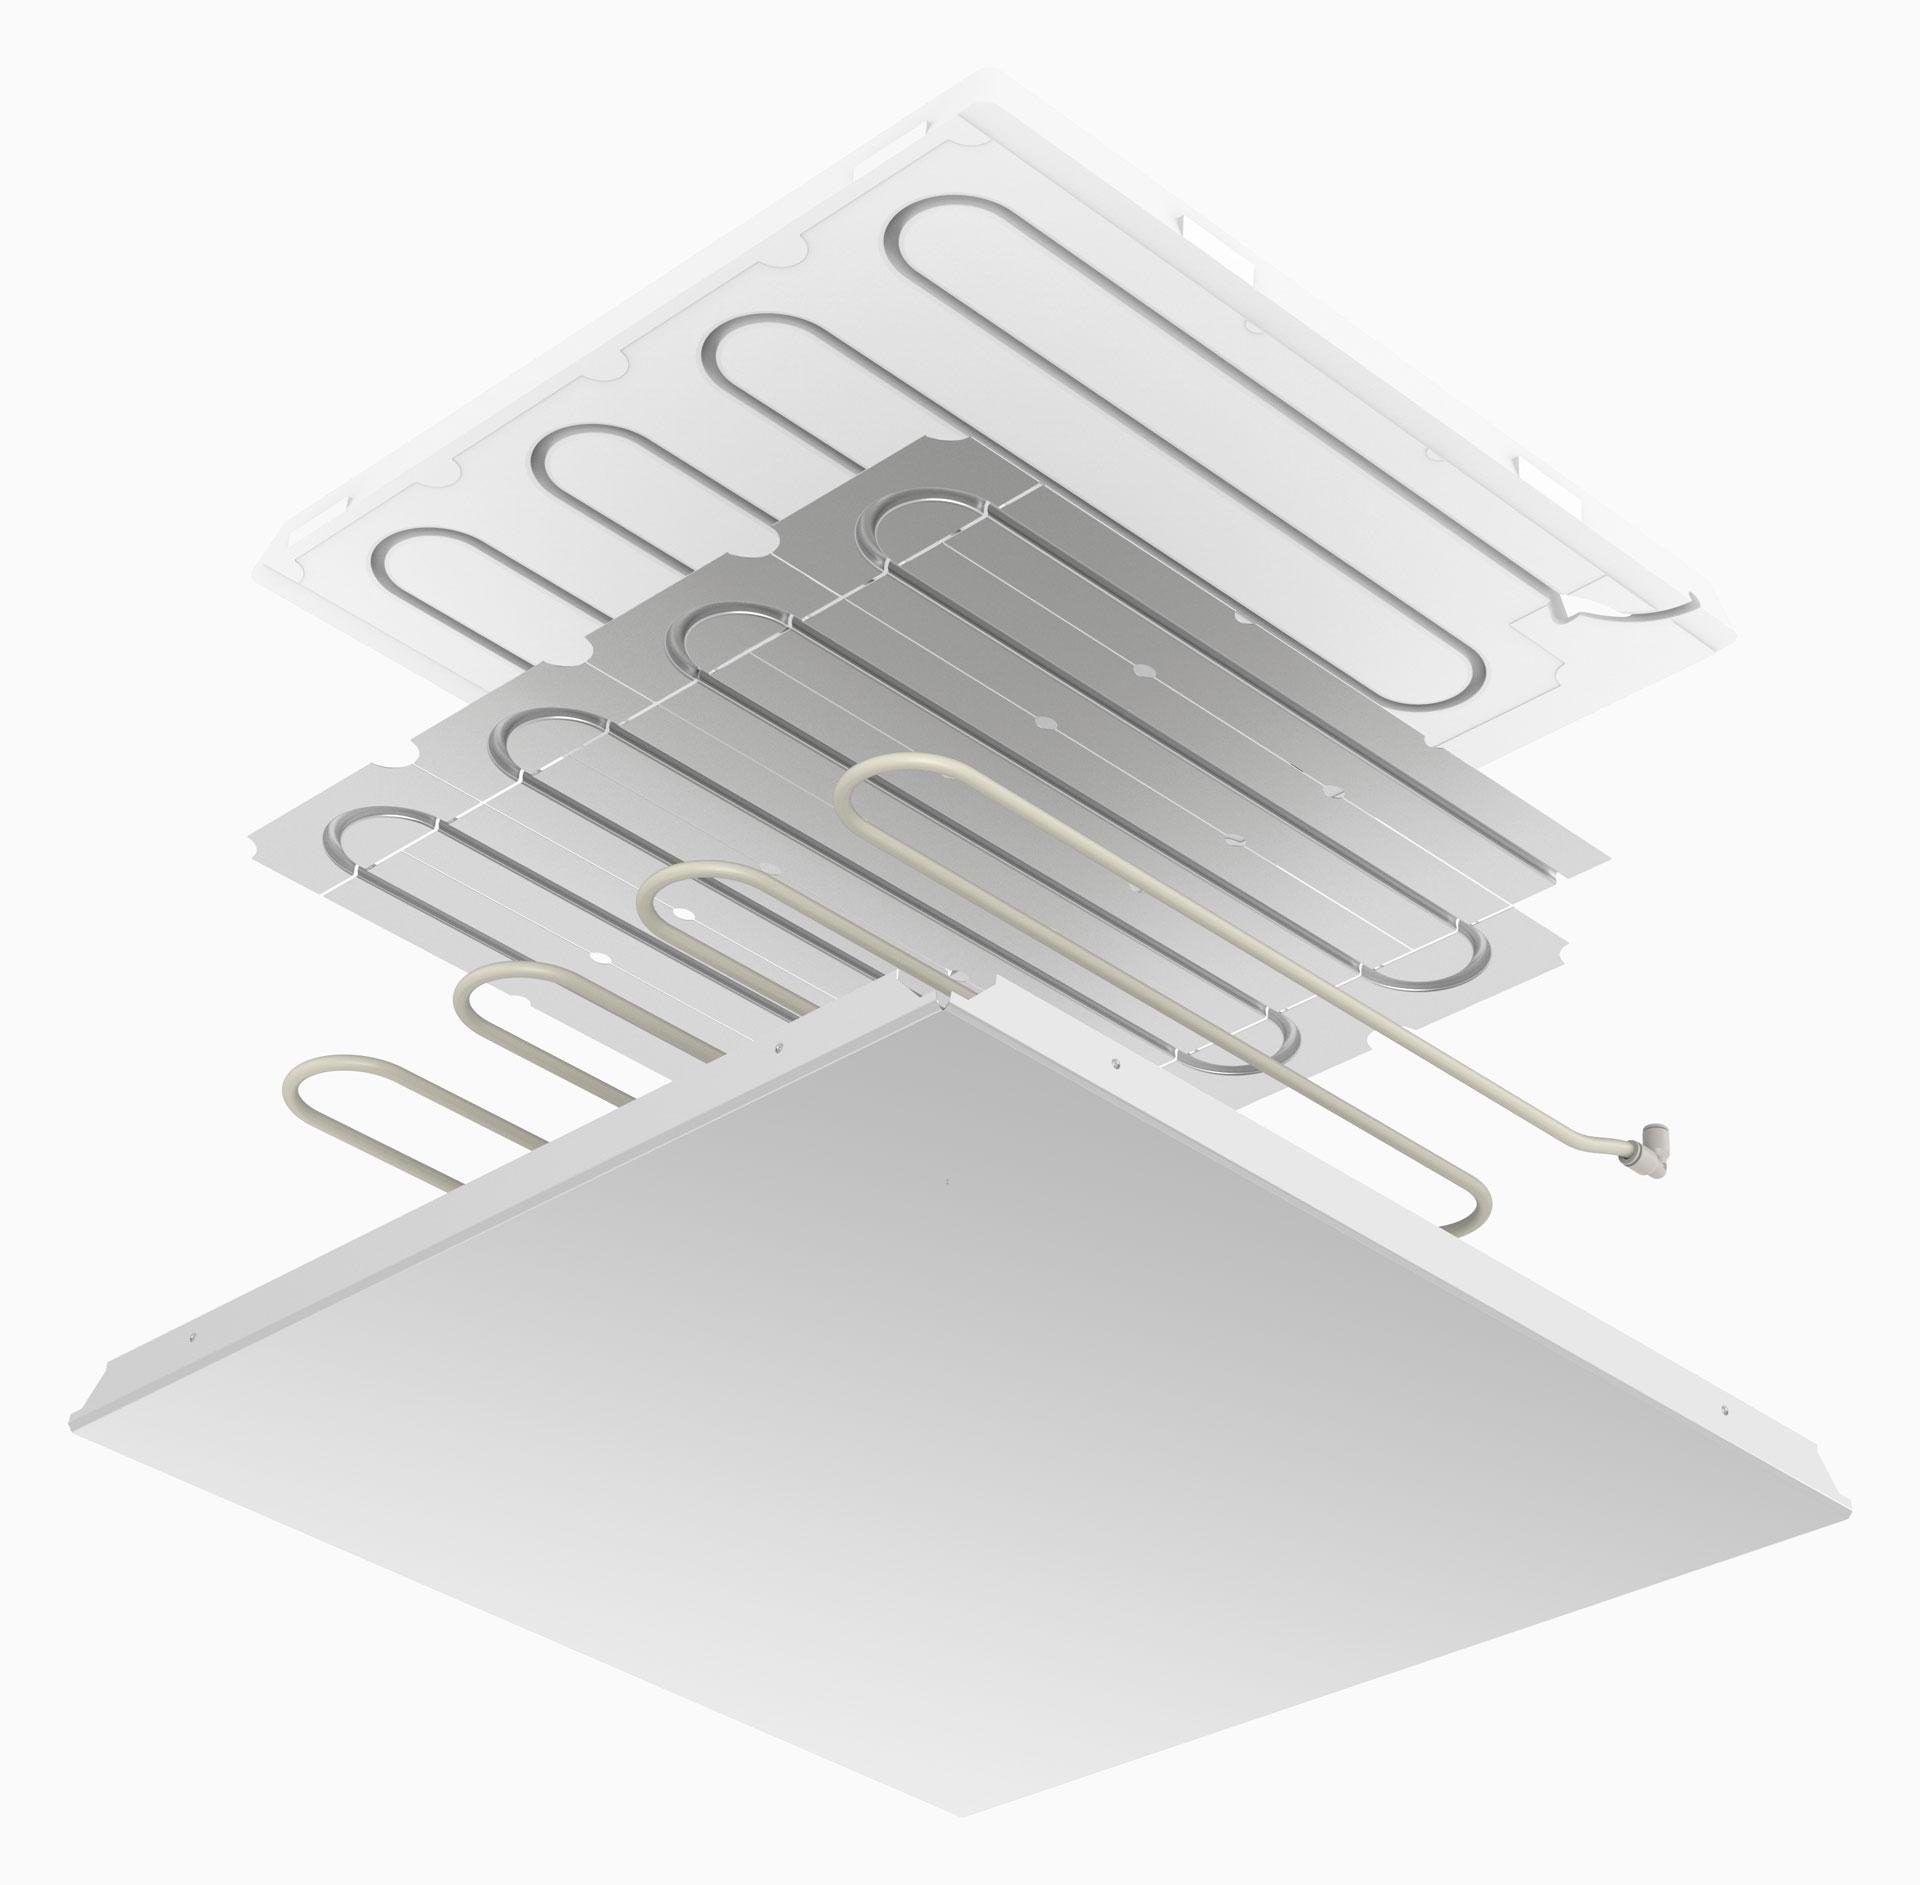 prefabricated radiant panel UTquad metal - pannello radiante prefabbricato UTquad metal